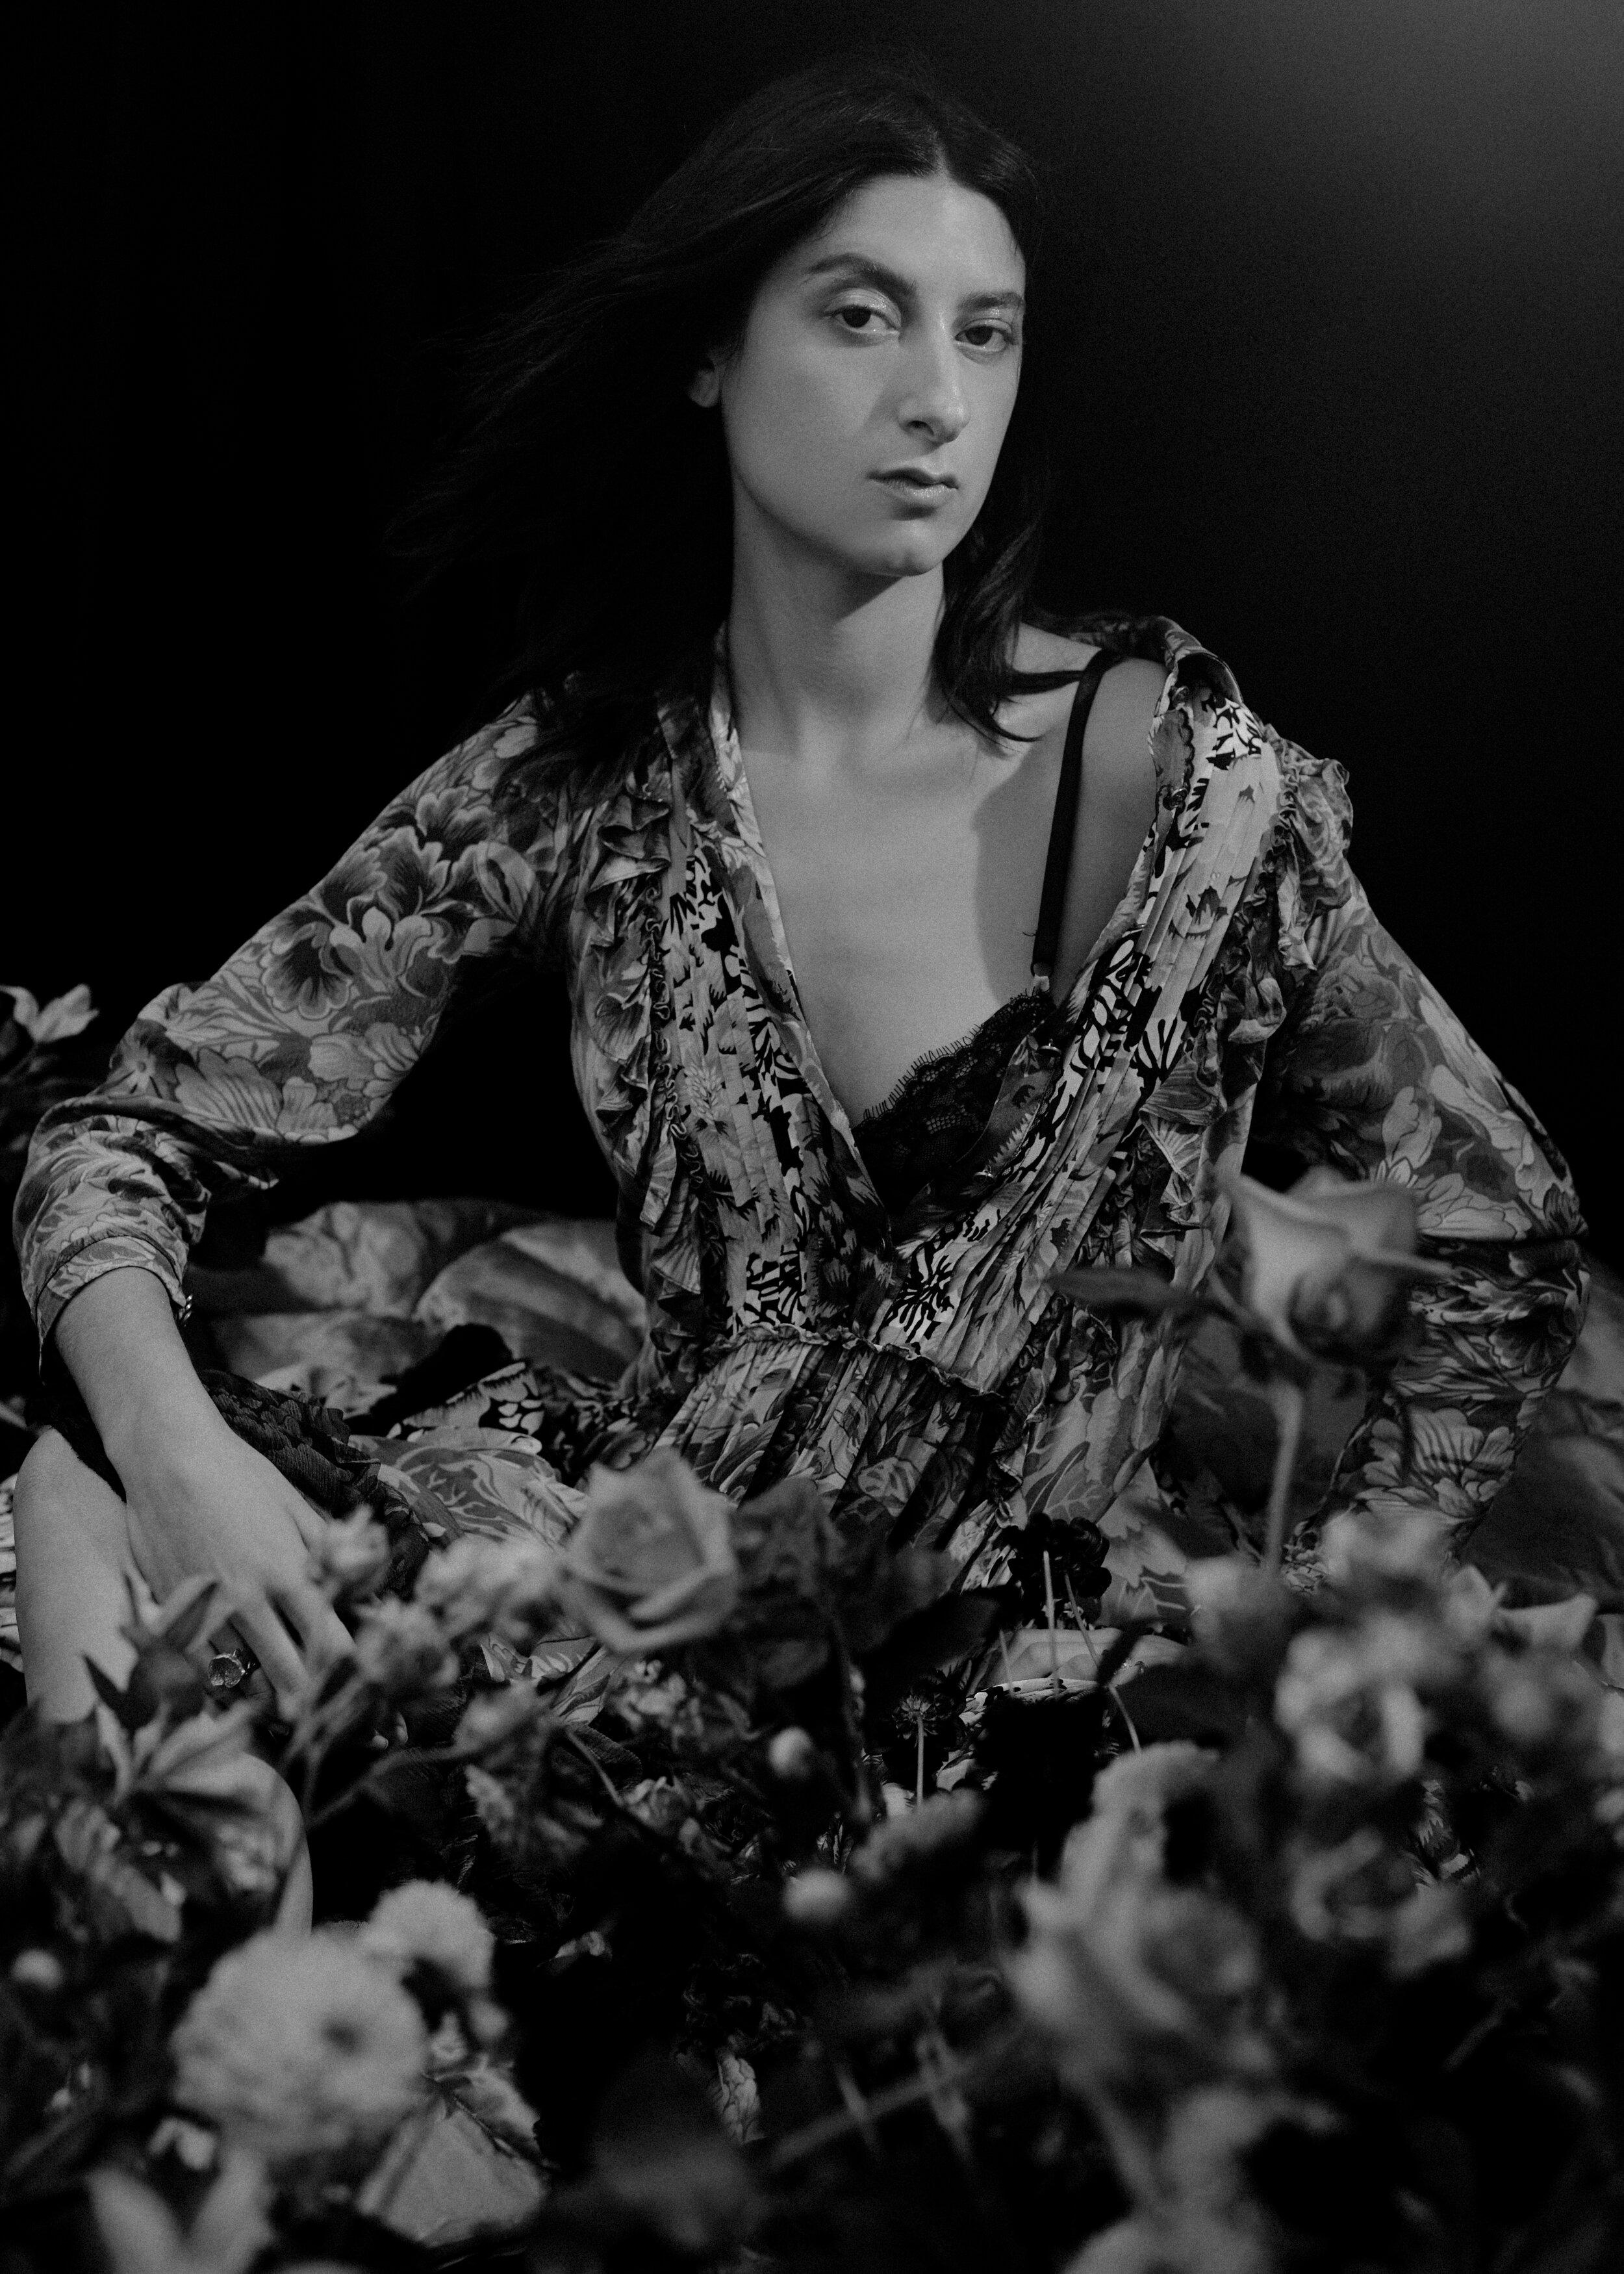 Dress  COACH 1941  Rings  ALICE WAESE  Bra  Stylist's Own